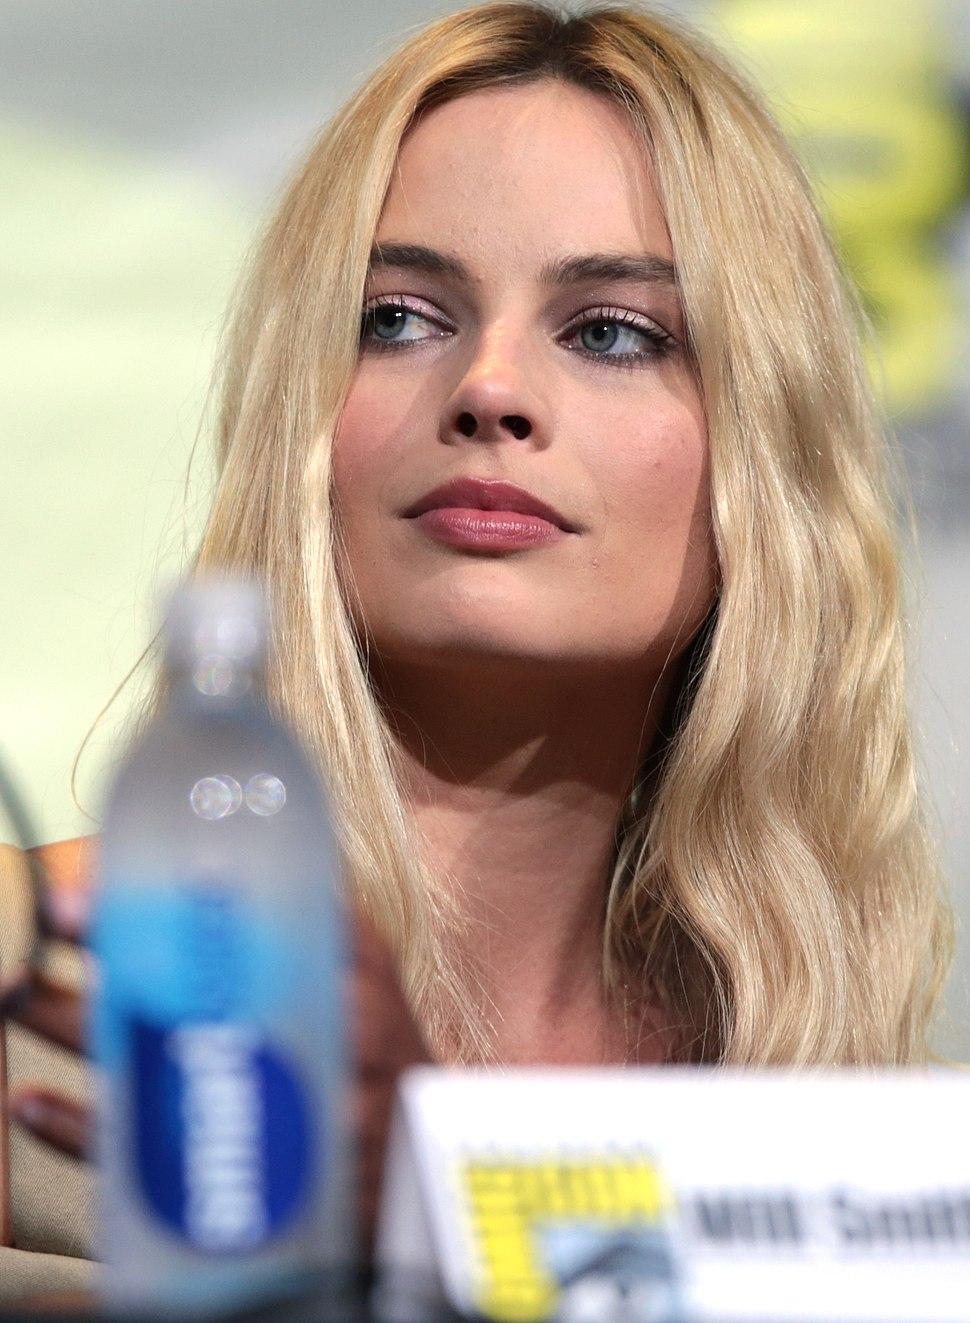 Margot Robbie (28316659170) (cropped)